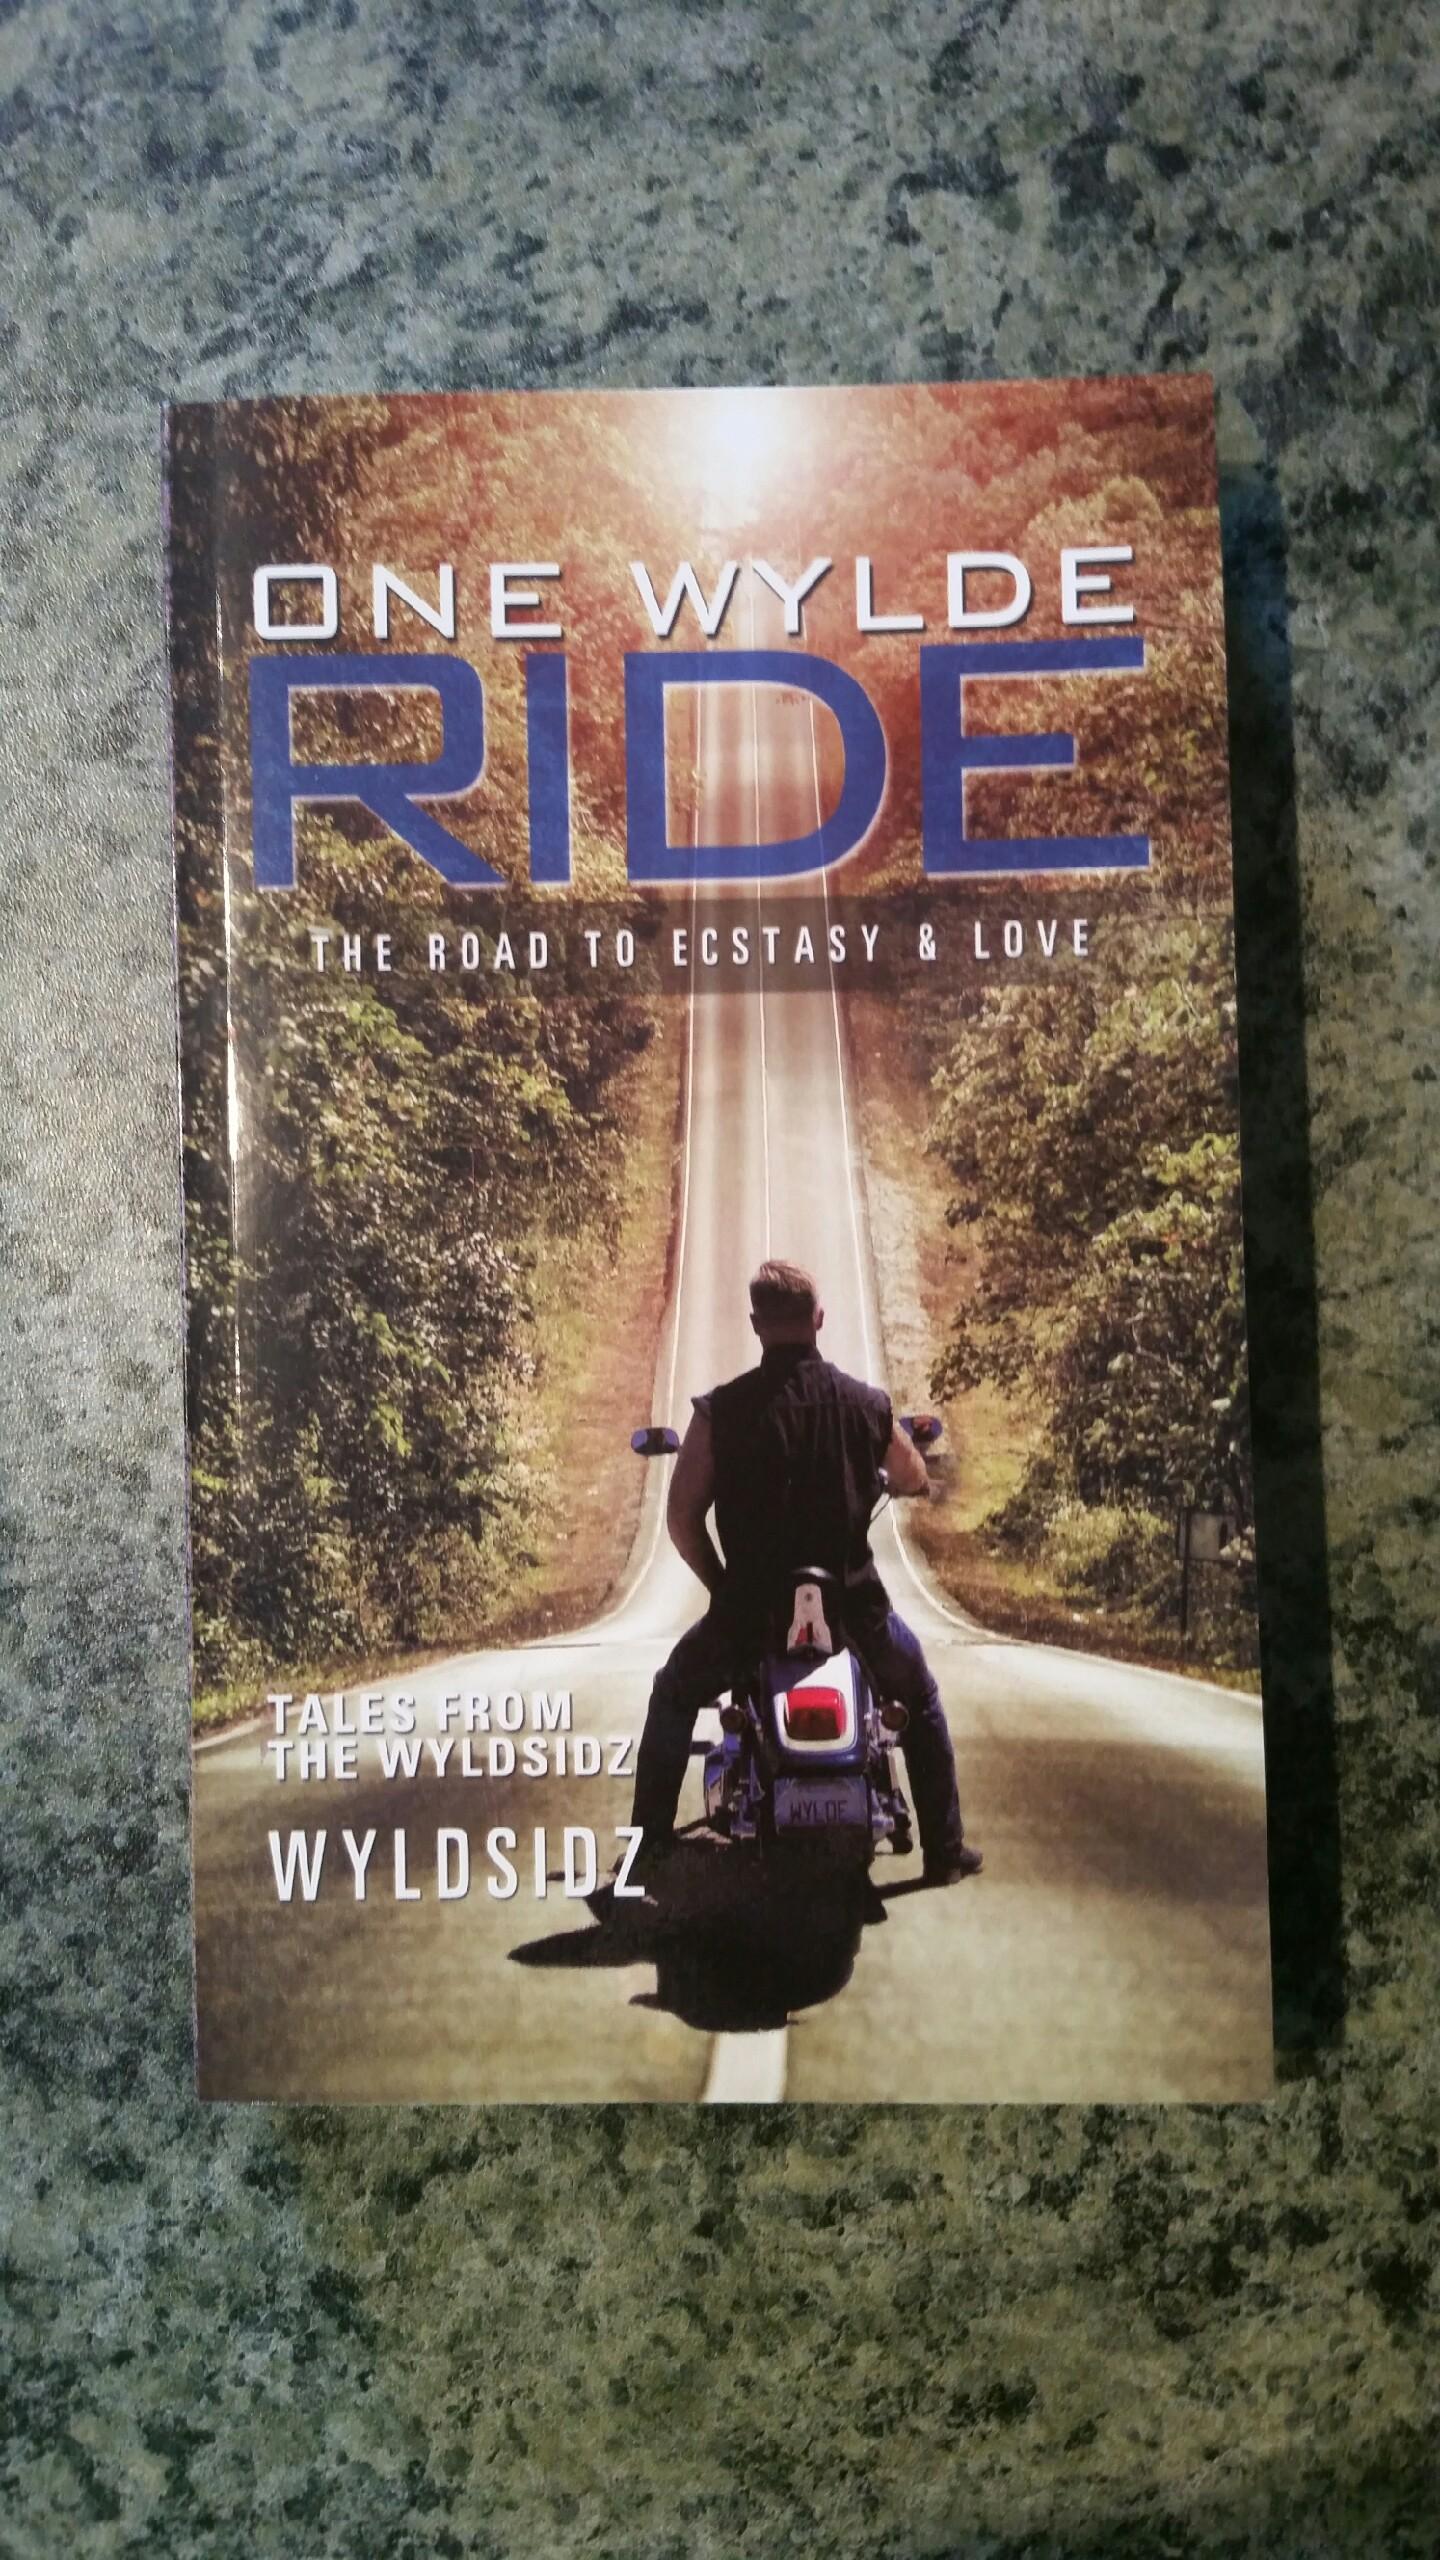 One Wylde Ride